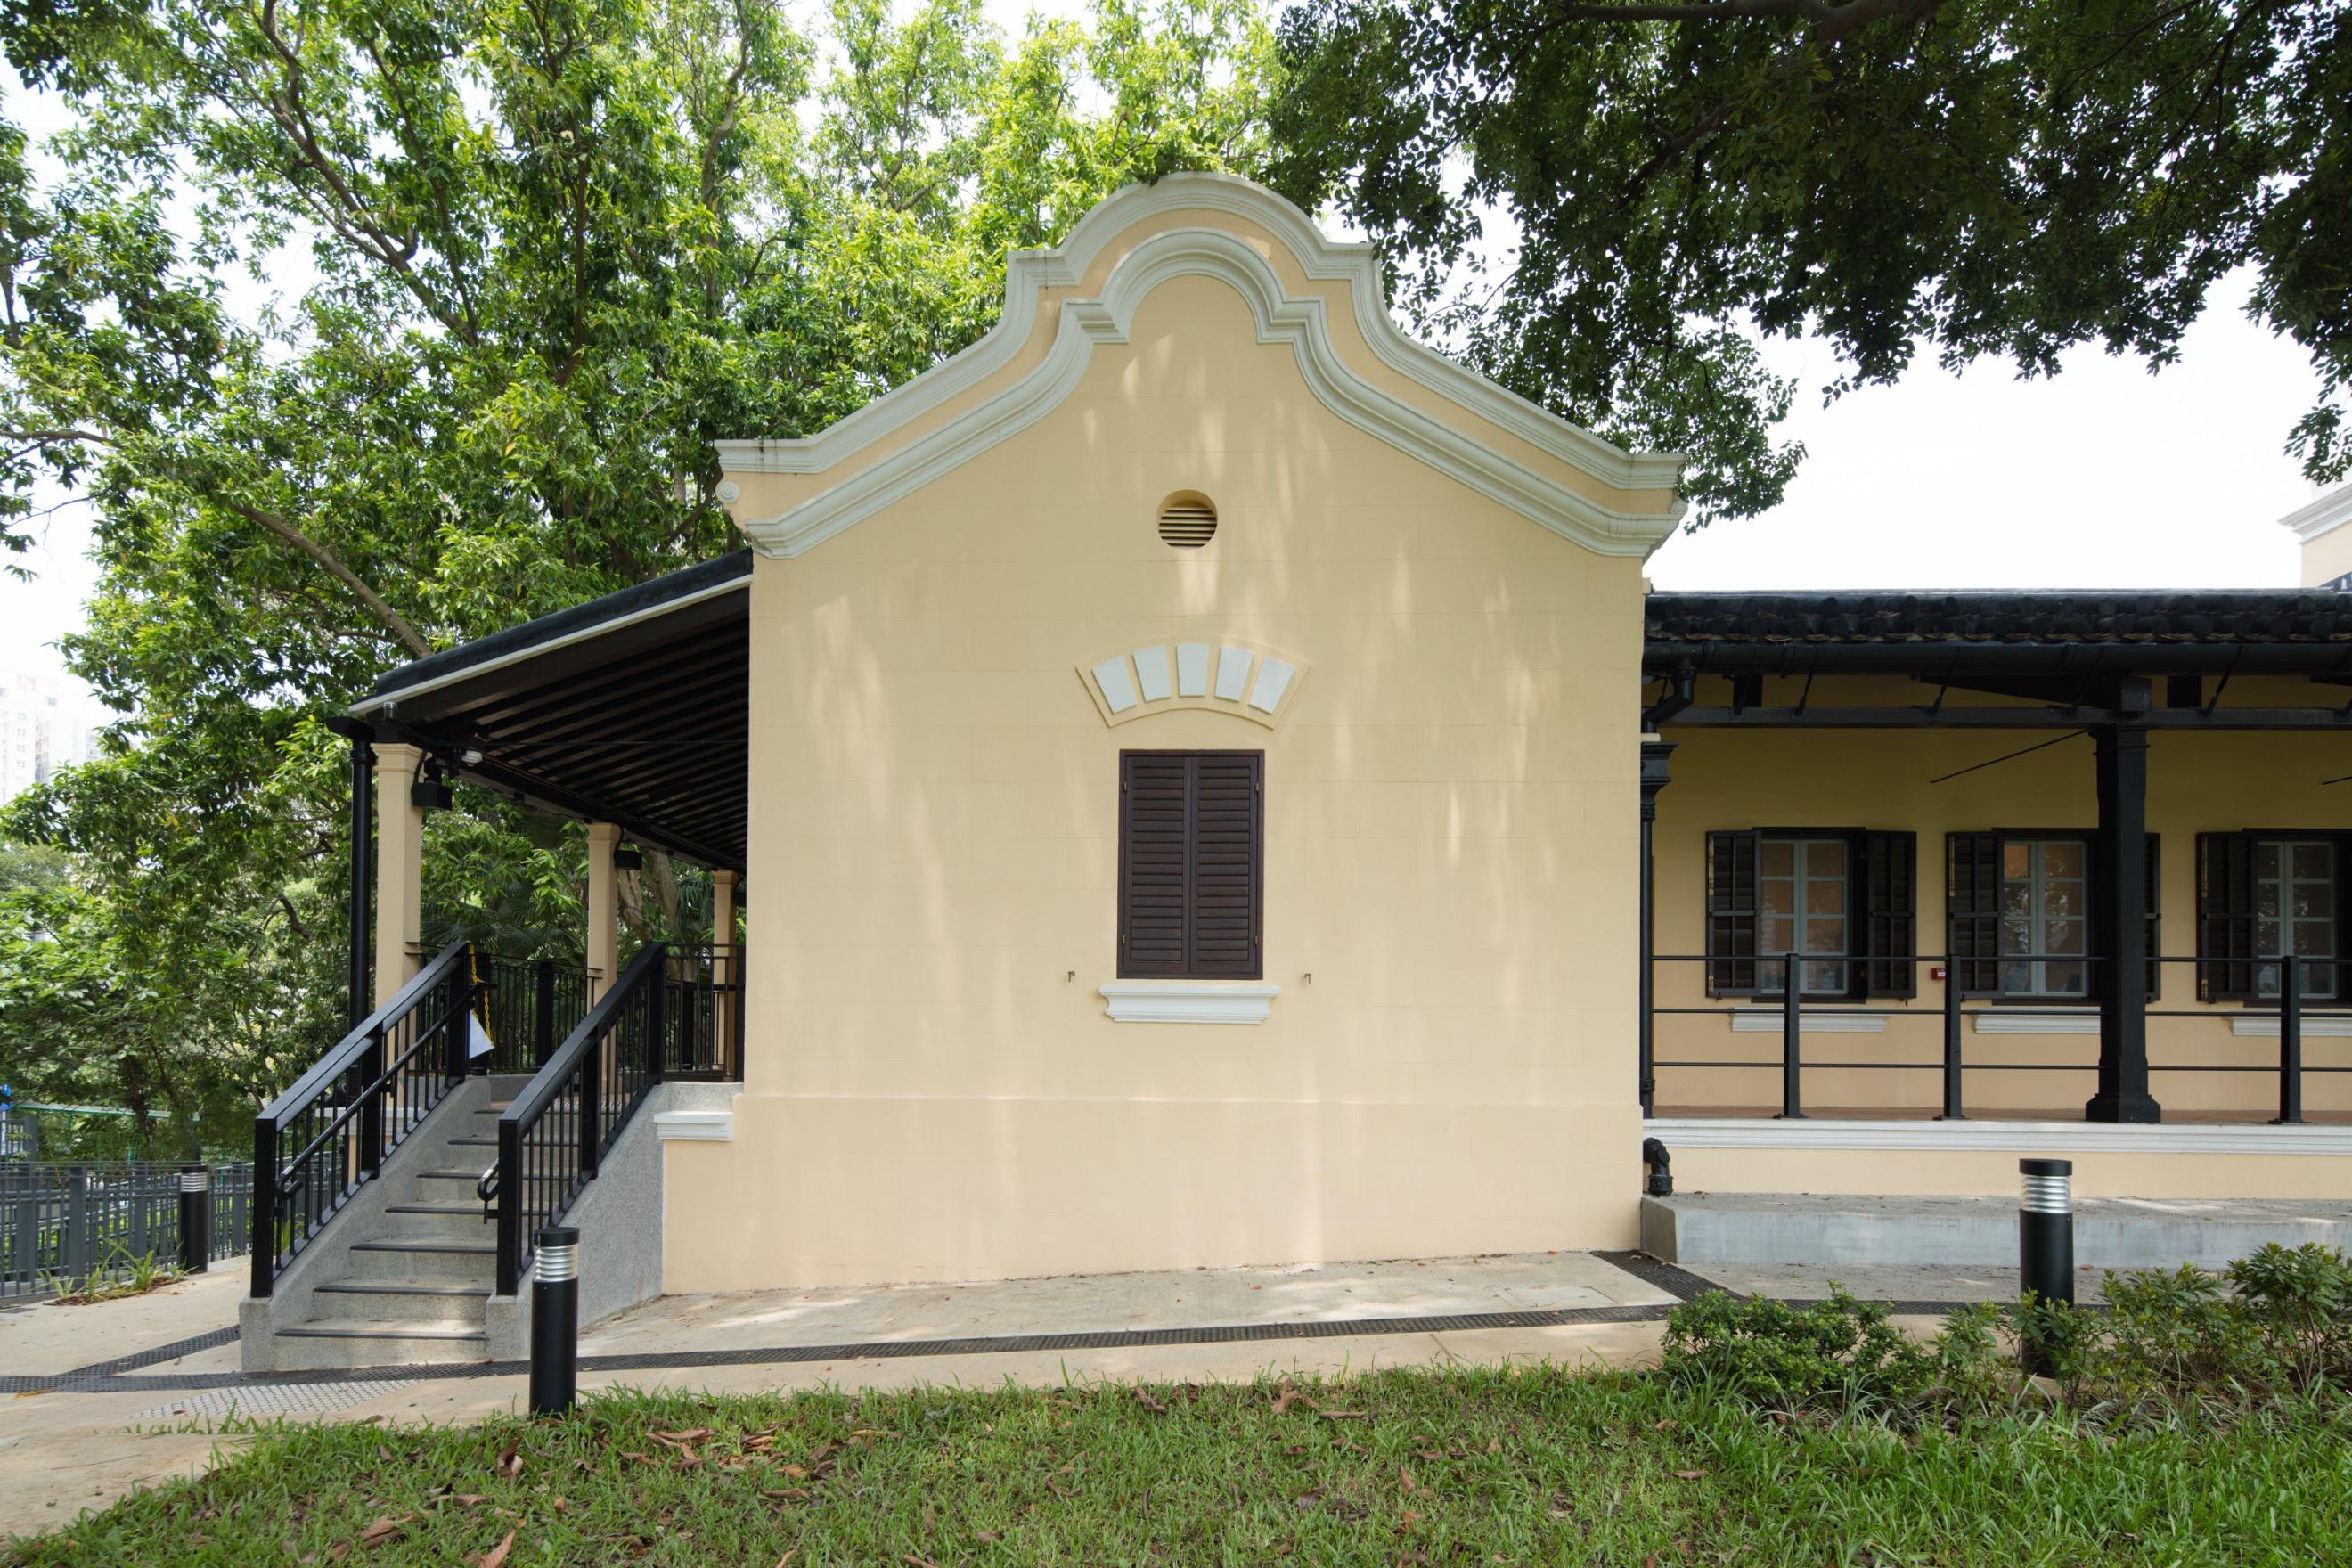 中大保育顧問團隊在設計方案中保存舊大埔警署原有建築特色,如中式金字屋頂、荷蘭式山牆等。